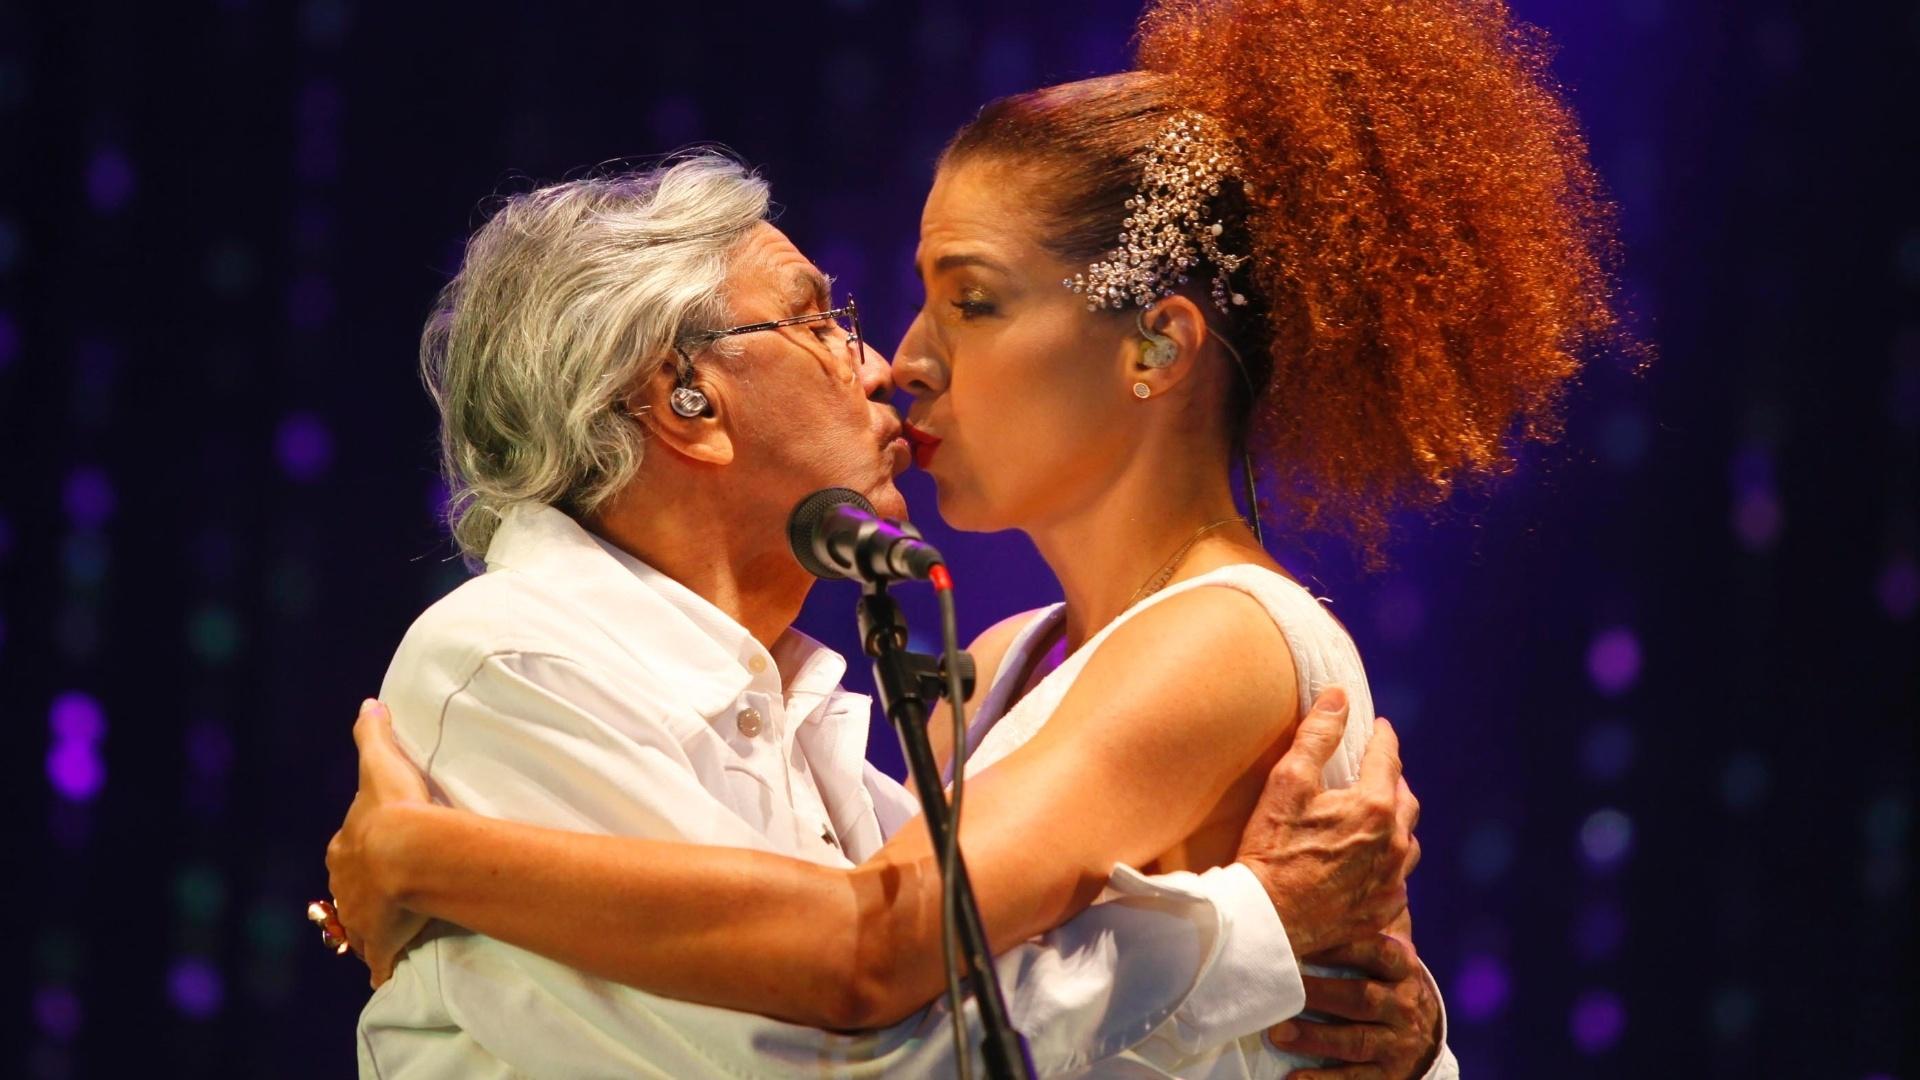 9.jun.2013 - Vanesssa da Mata dá selinho em Caetano Veloso durante show na praia de Ipanema, no Rio de Janeiro